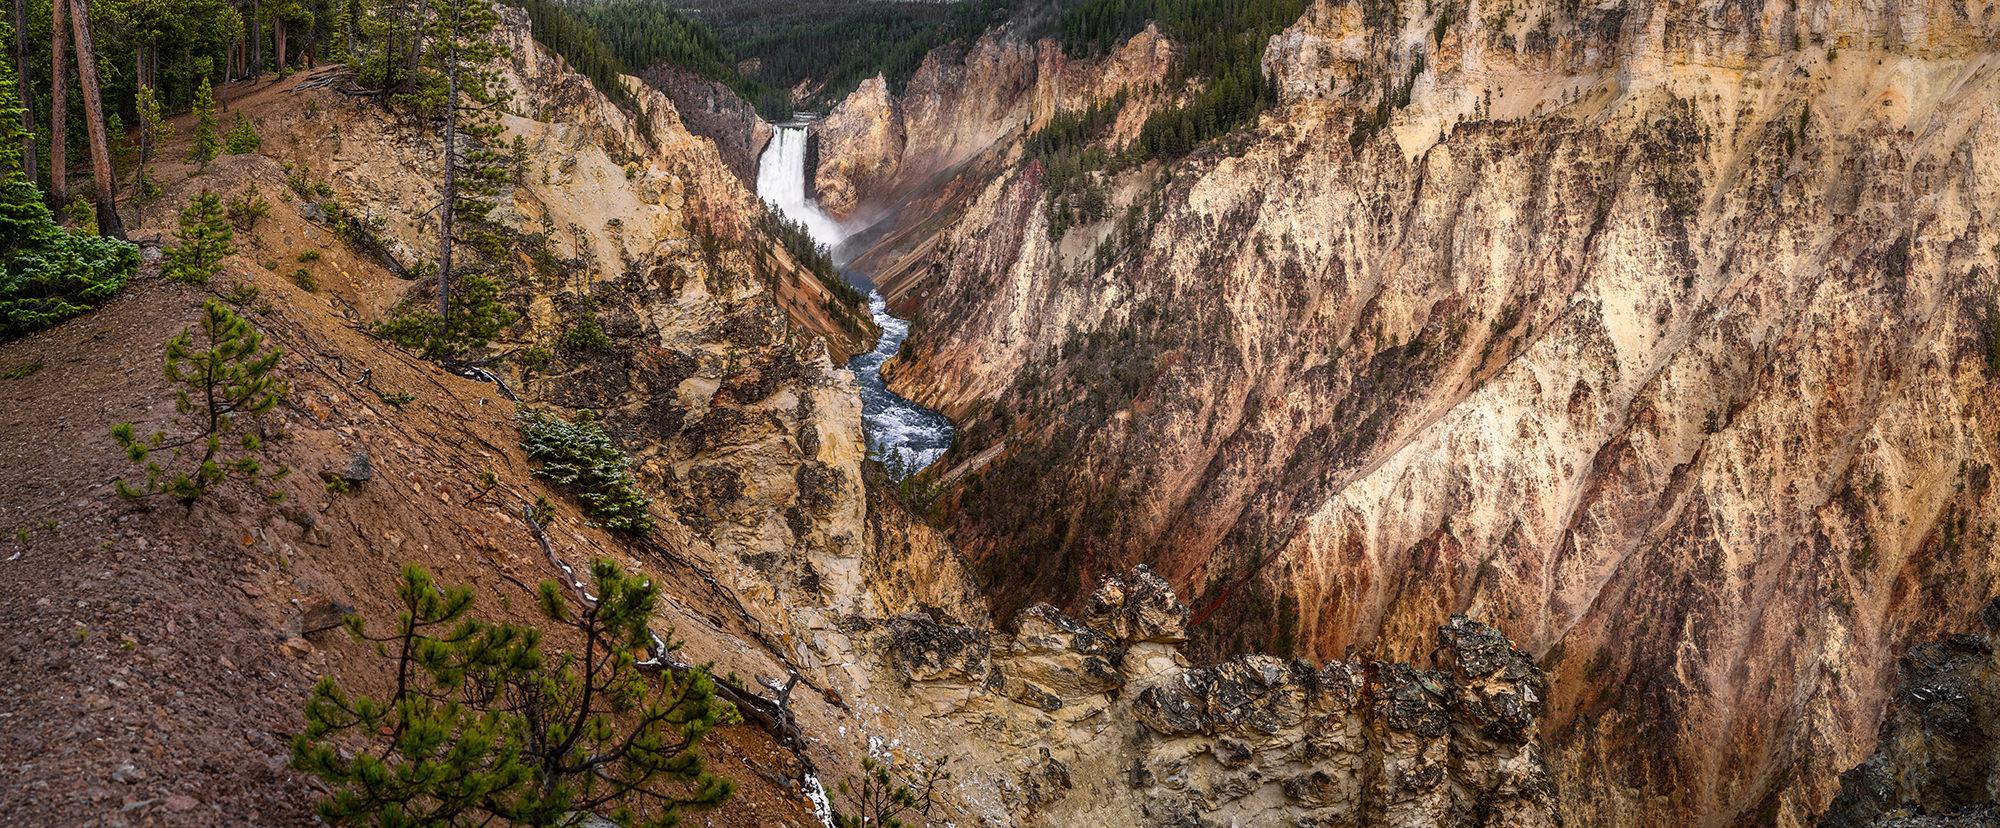 Grand canyon of the yellowstone - Near Canyon Village Yellowstone, WY